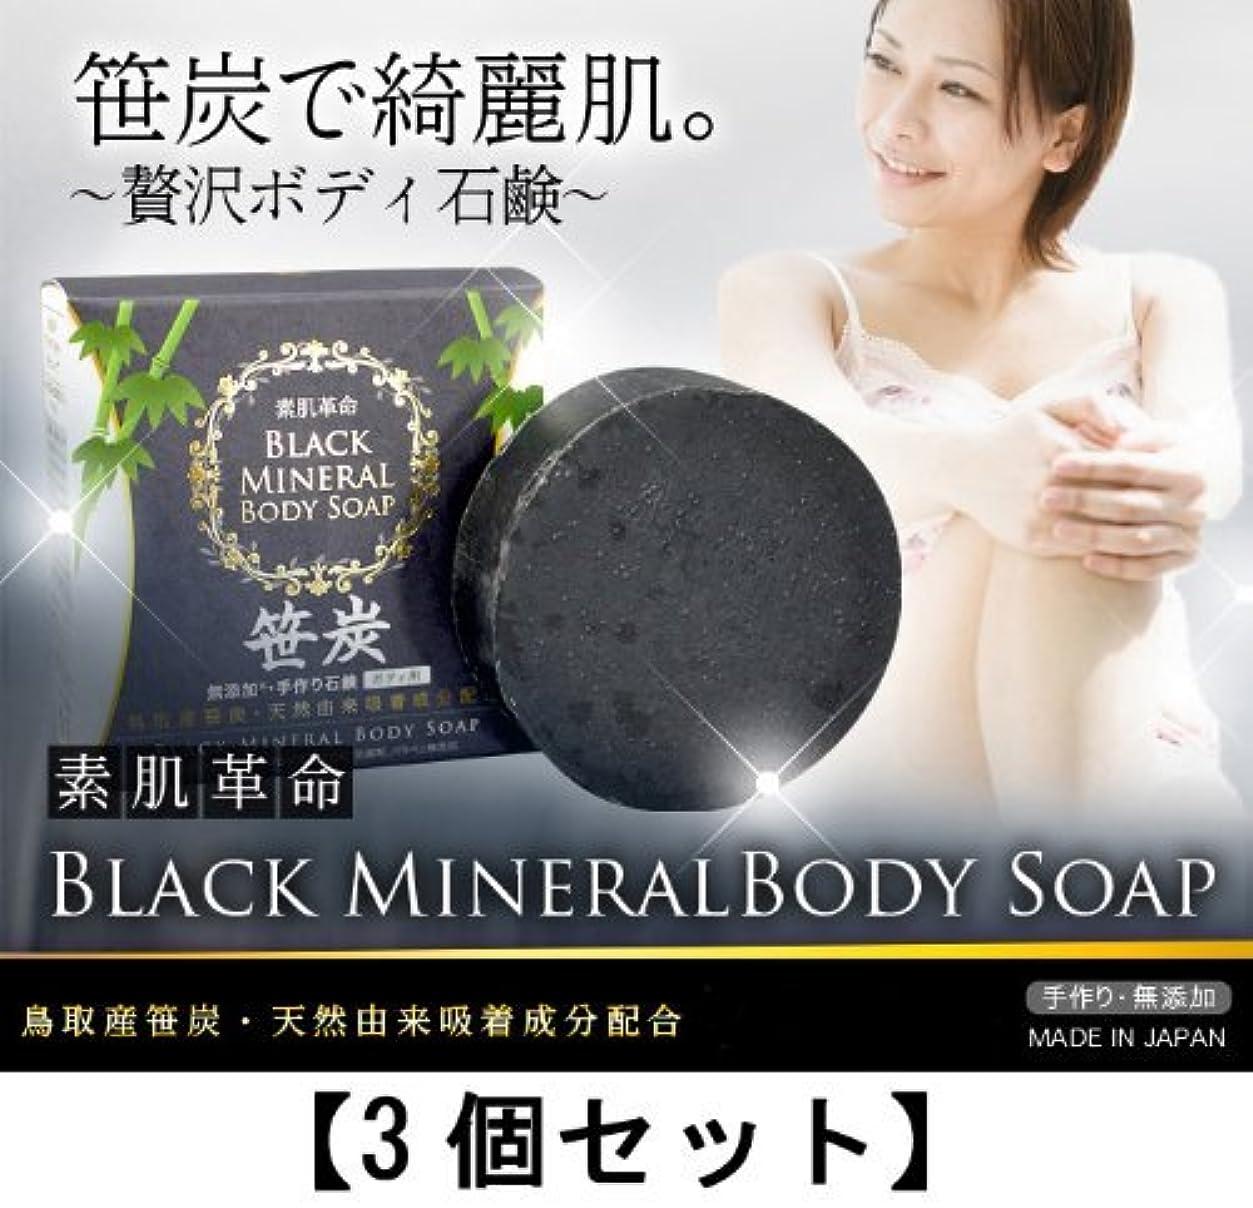 回転させる楽ないたずらな素肌革命ブラックミネラルボディソープ 3個セット(天然笹炭配合無添加石鹸)